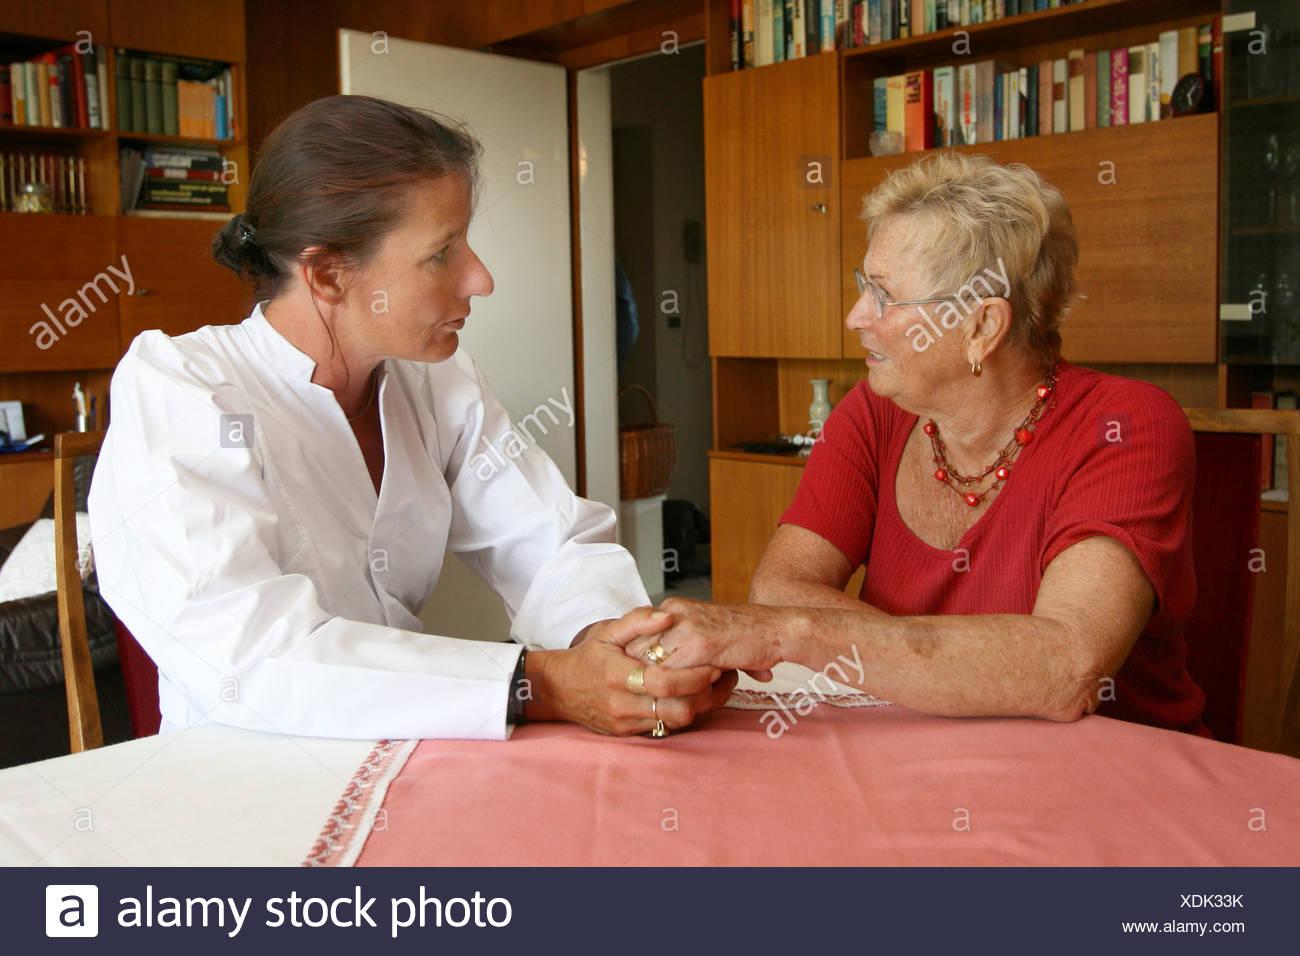 Senior citizen with a nurse - Stock Image